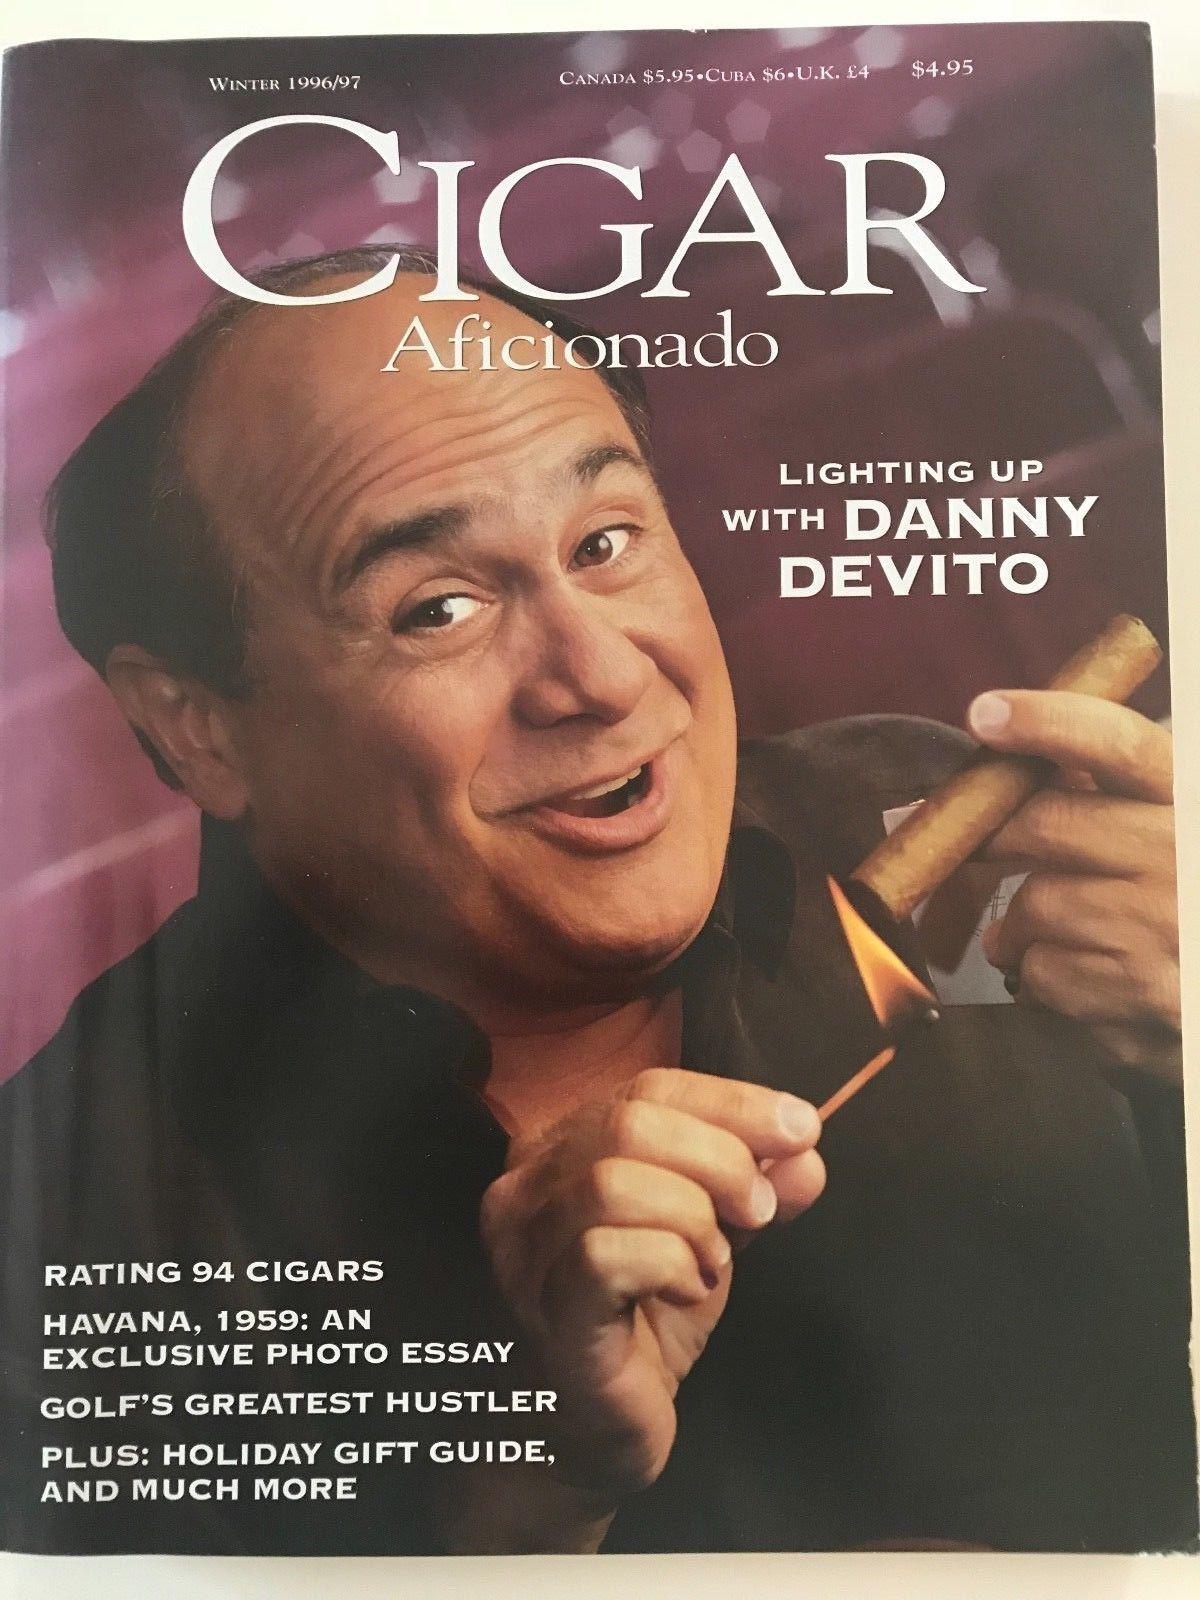 winter-1996-1997-cigar-aficionado-danny-devito.jpg